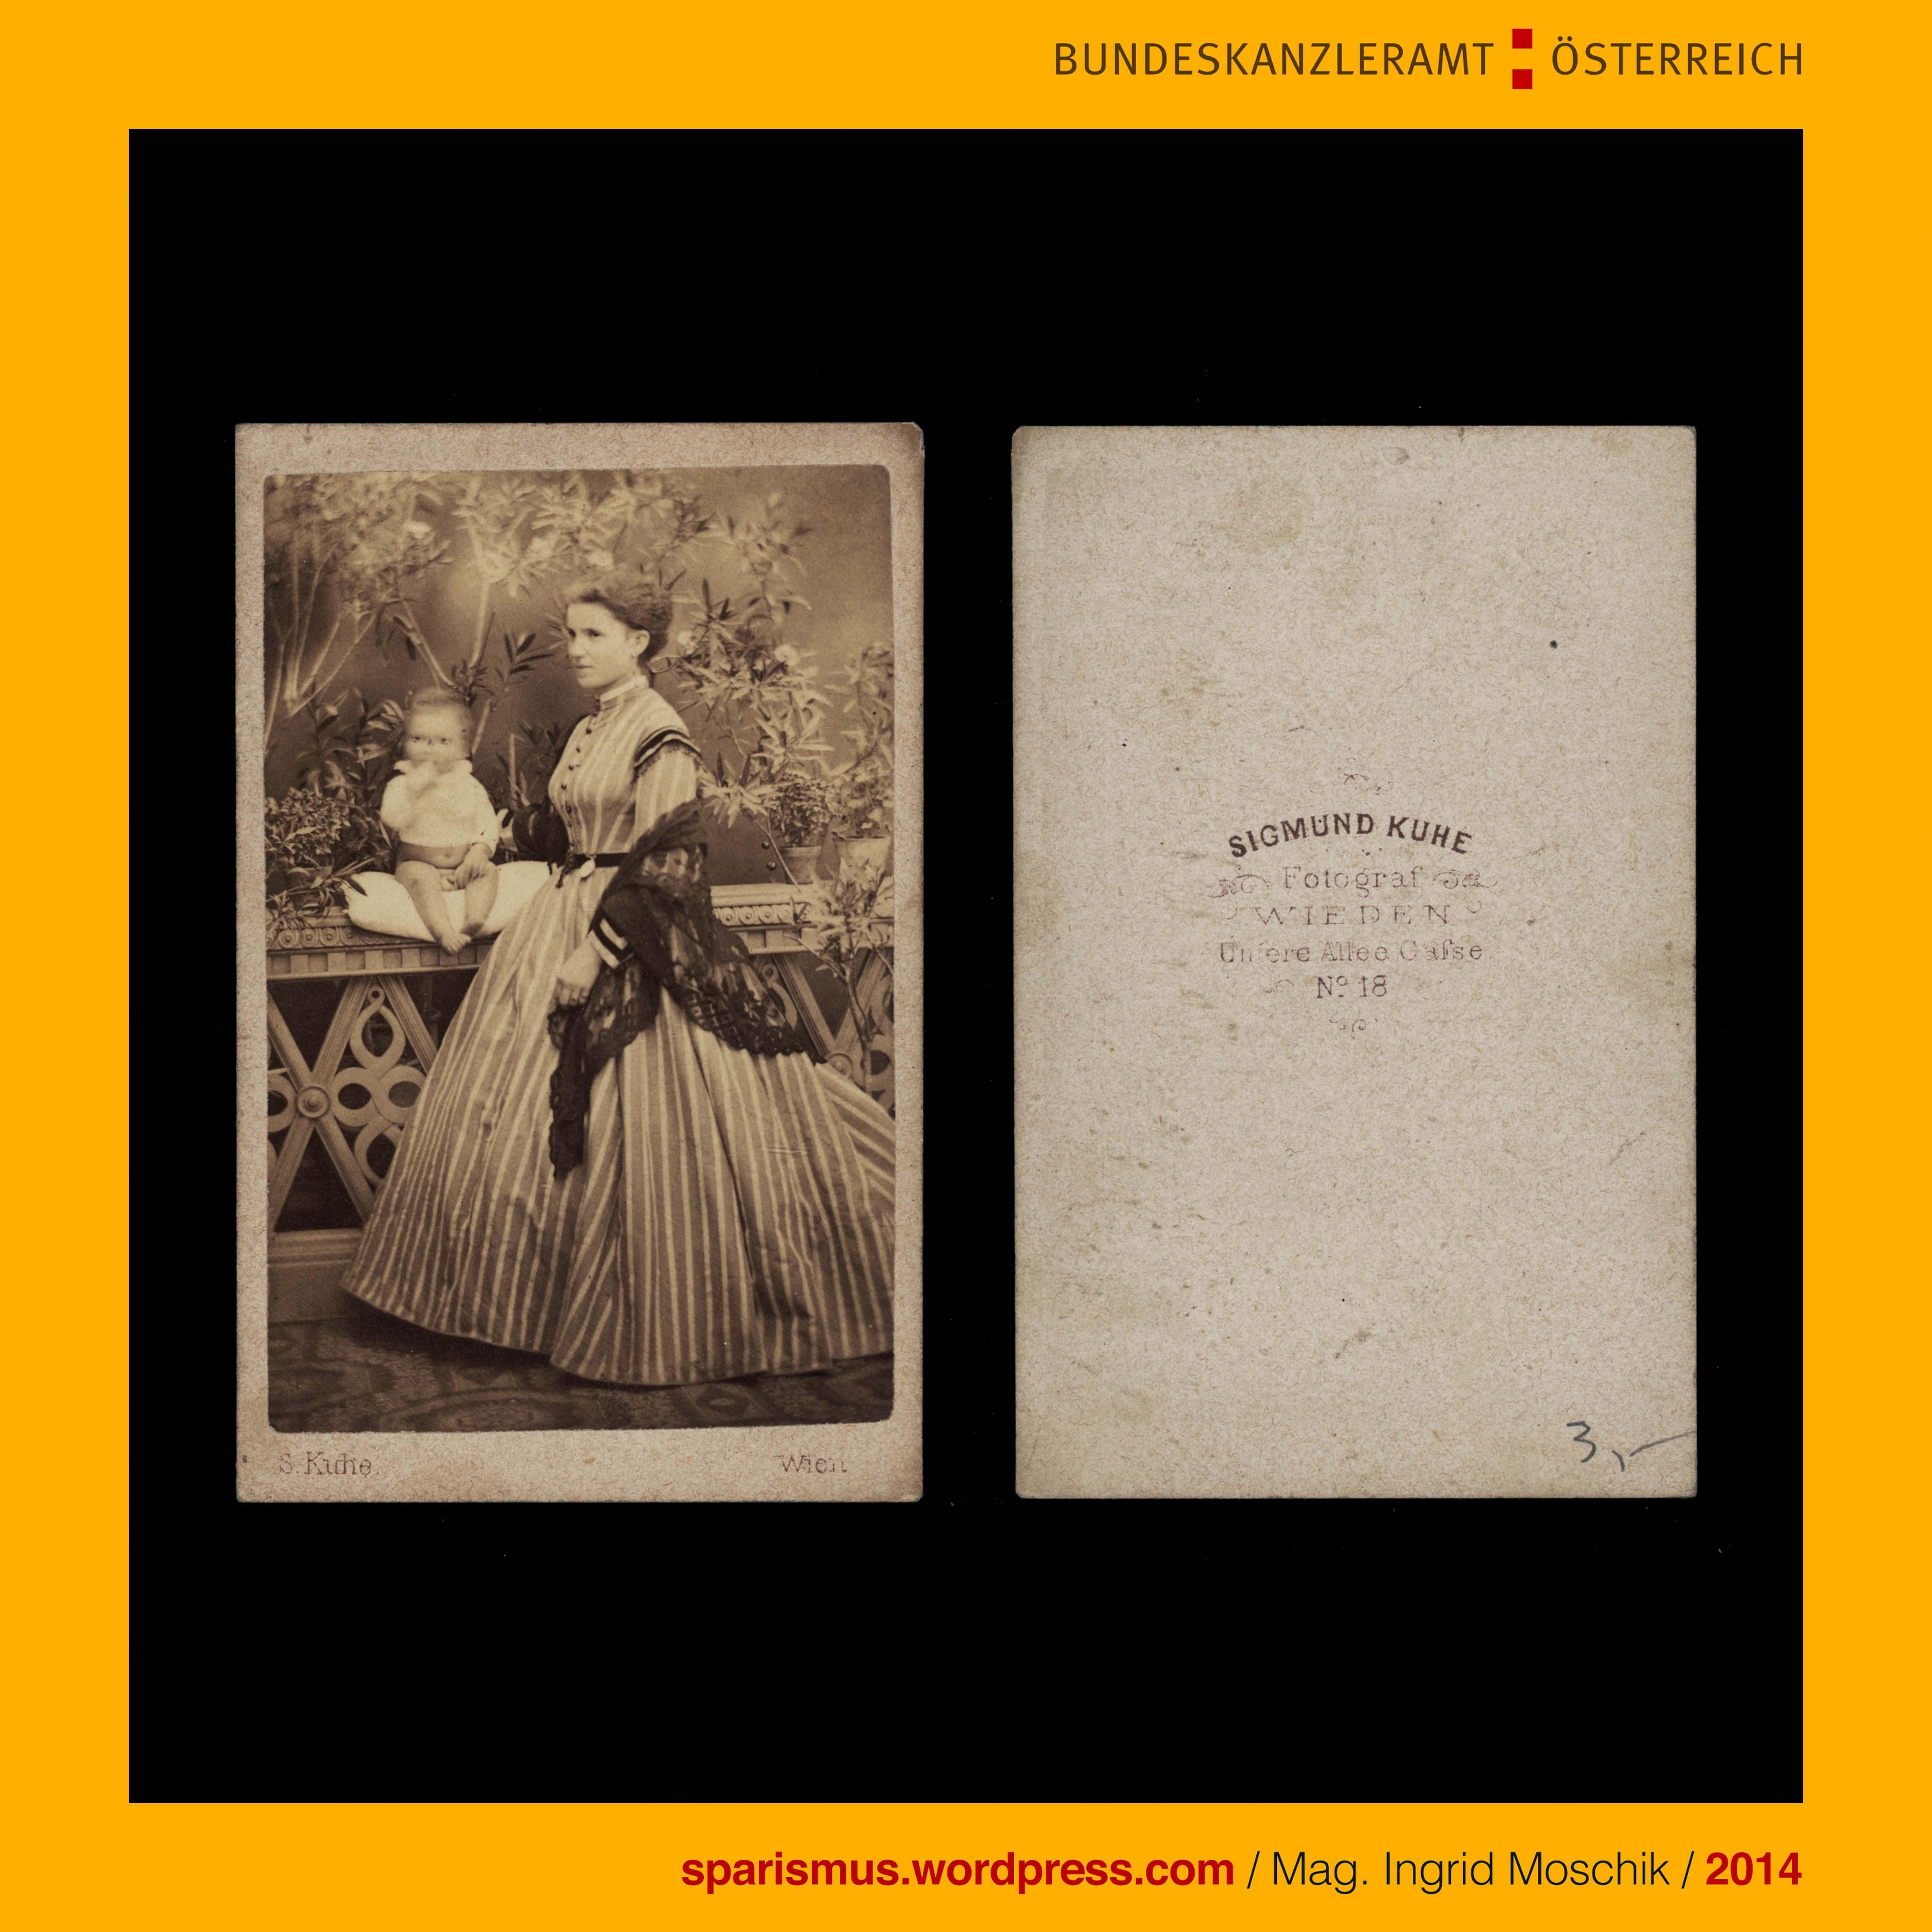 Sigmund Kuhe graph Wien IV Wieden Untere Allee Gasse No 18 Mutter mit Kind um 1870